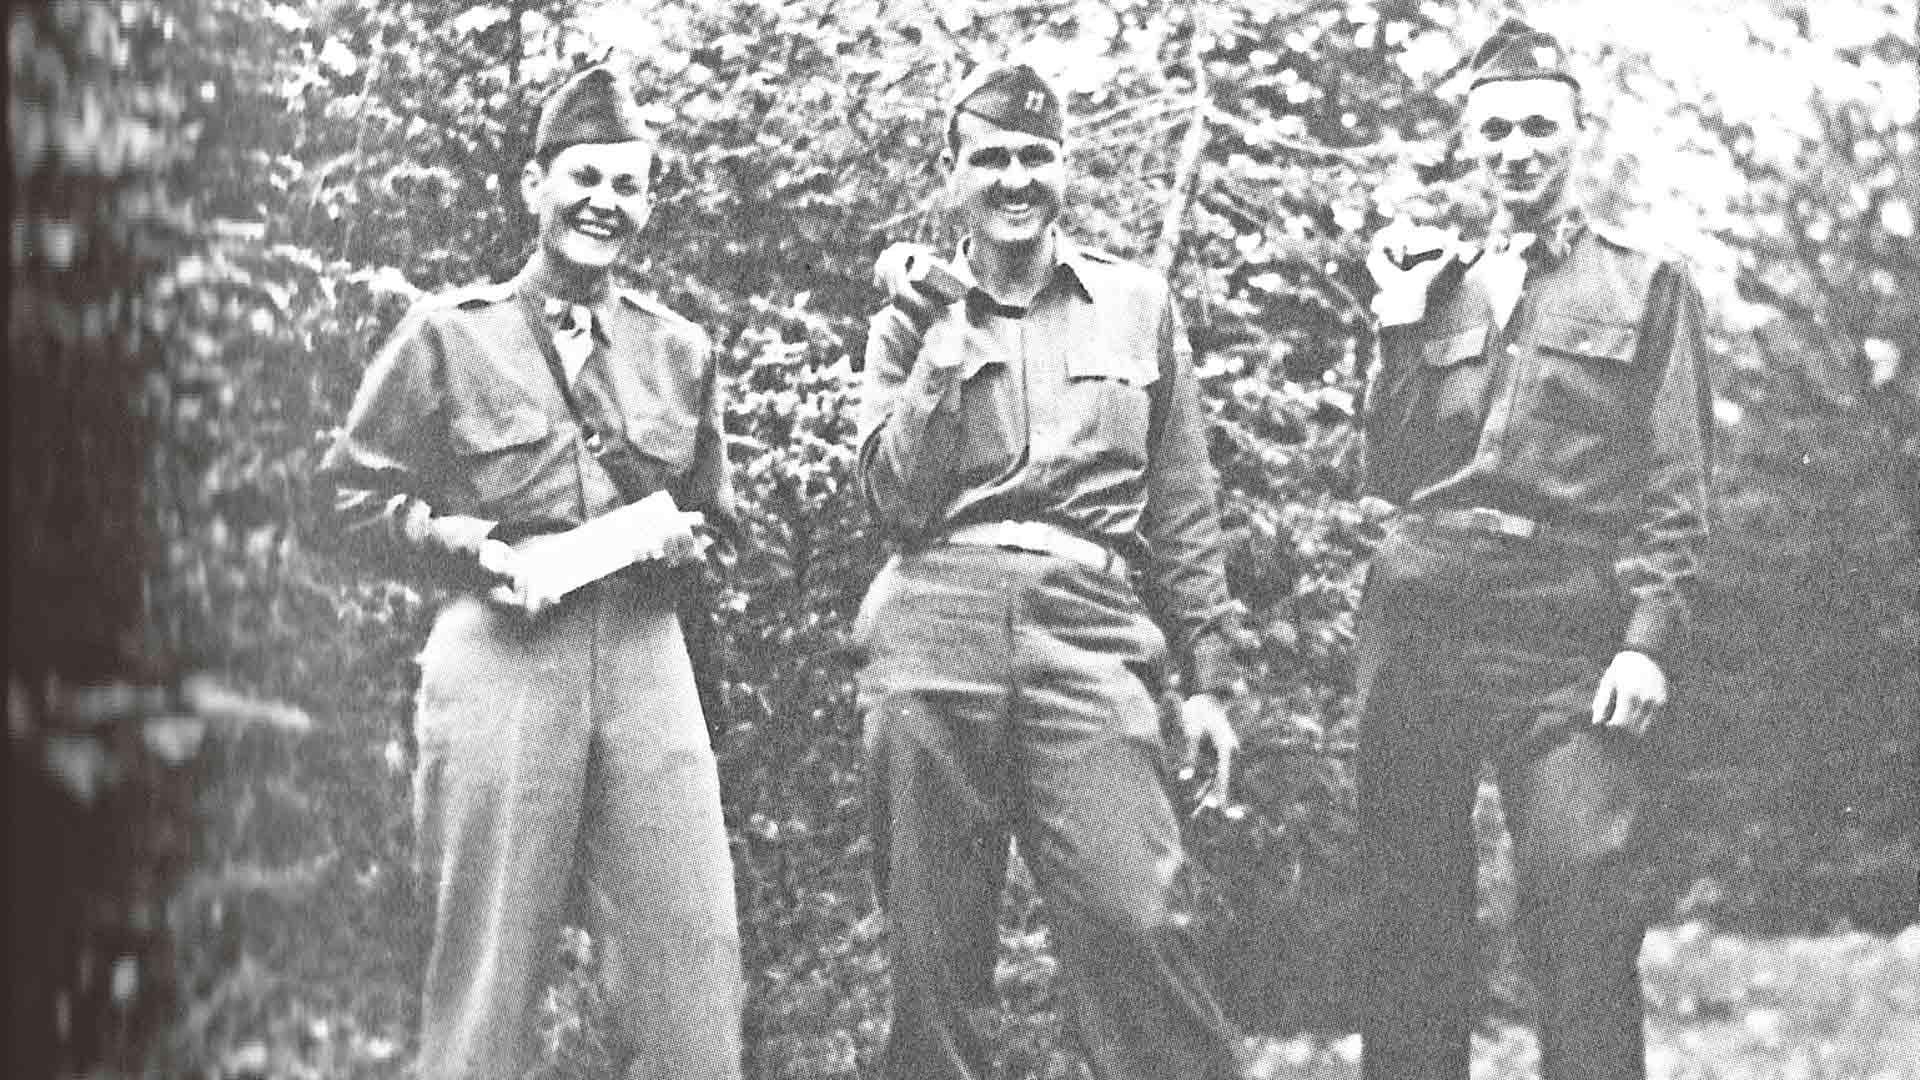 Amerikkalaisupseerit ja natsien kulta – miehet poseeraavat juuri maasta kaivettujen kultaharkkojen kanssa Walchensee-järvellä vuonna 1945. Samasta maastosta haettiin repuittain seteleitä von Blücherien huvilalle. Kuva kirjasta Kadonneen natsikullan jäljillä